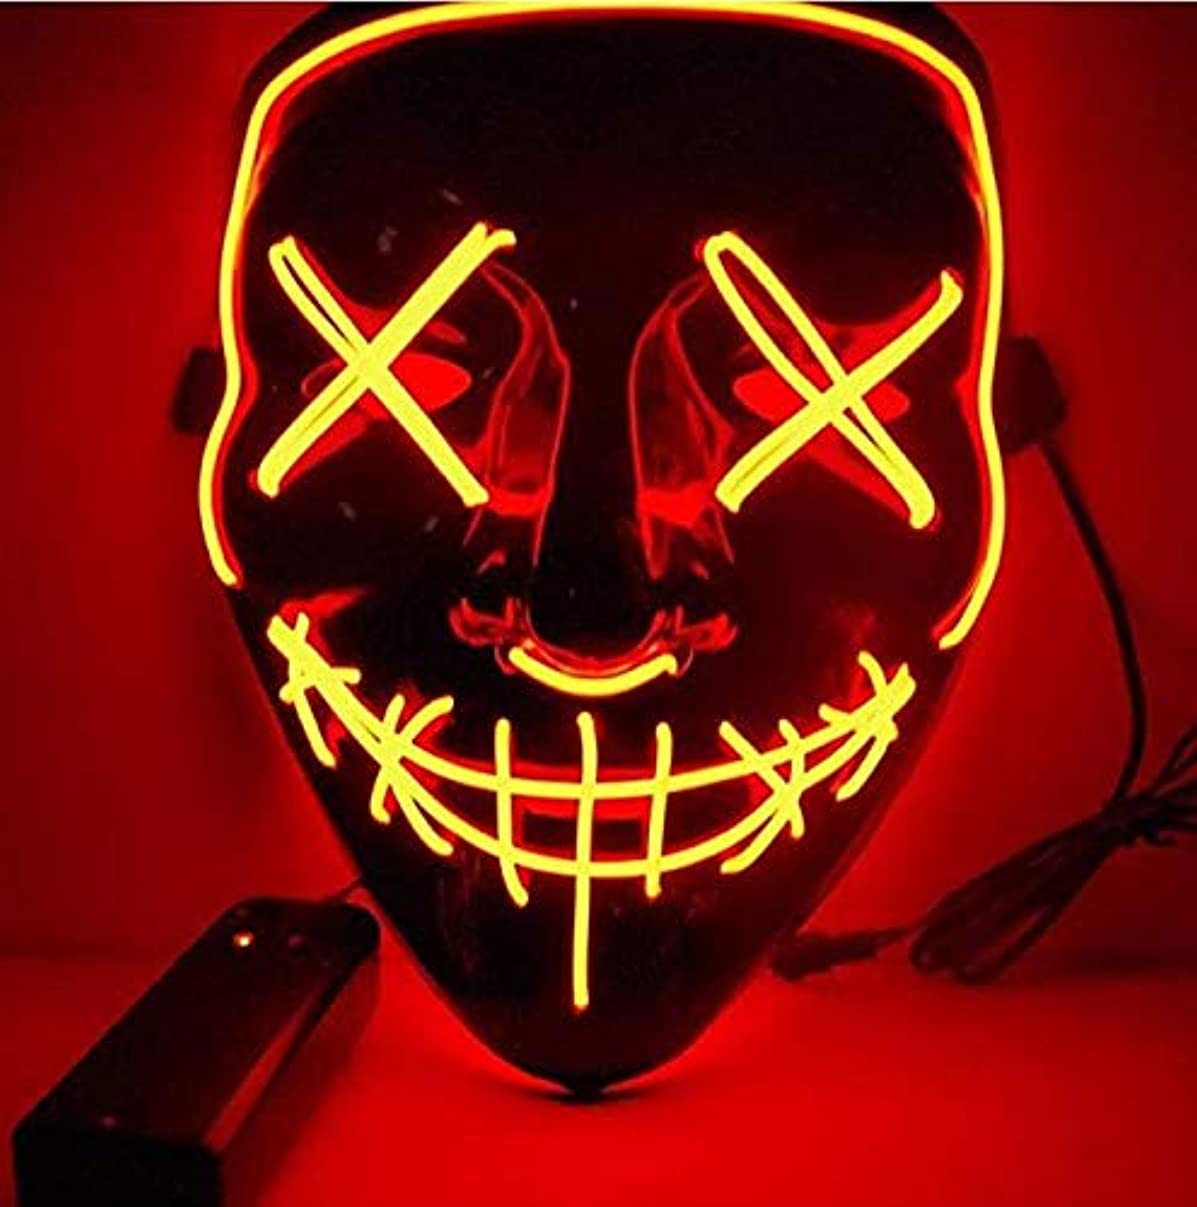 インターネット排出奴隷ハロウィンマスクLEDライトアップパーティーマスクコスプレコスチュームサプライ暗闇で光る (Color : ROSE RED)